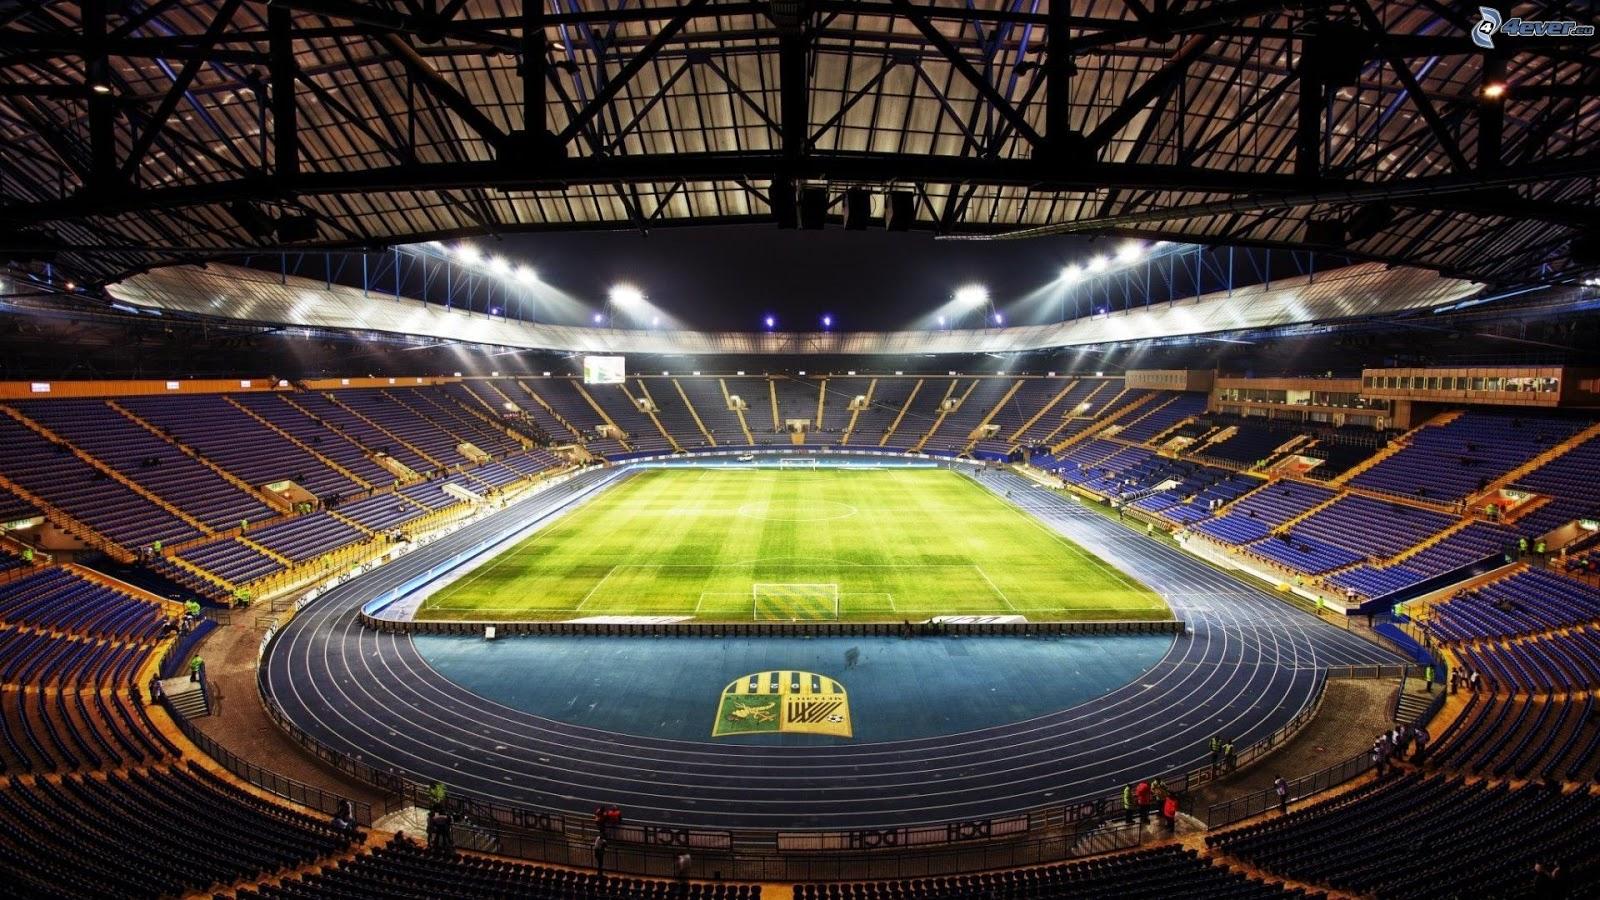 ملخص أهداف مباراة ميلان وفروسينوني بتاريخ 26-12-2018 الدوري الايطالي